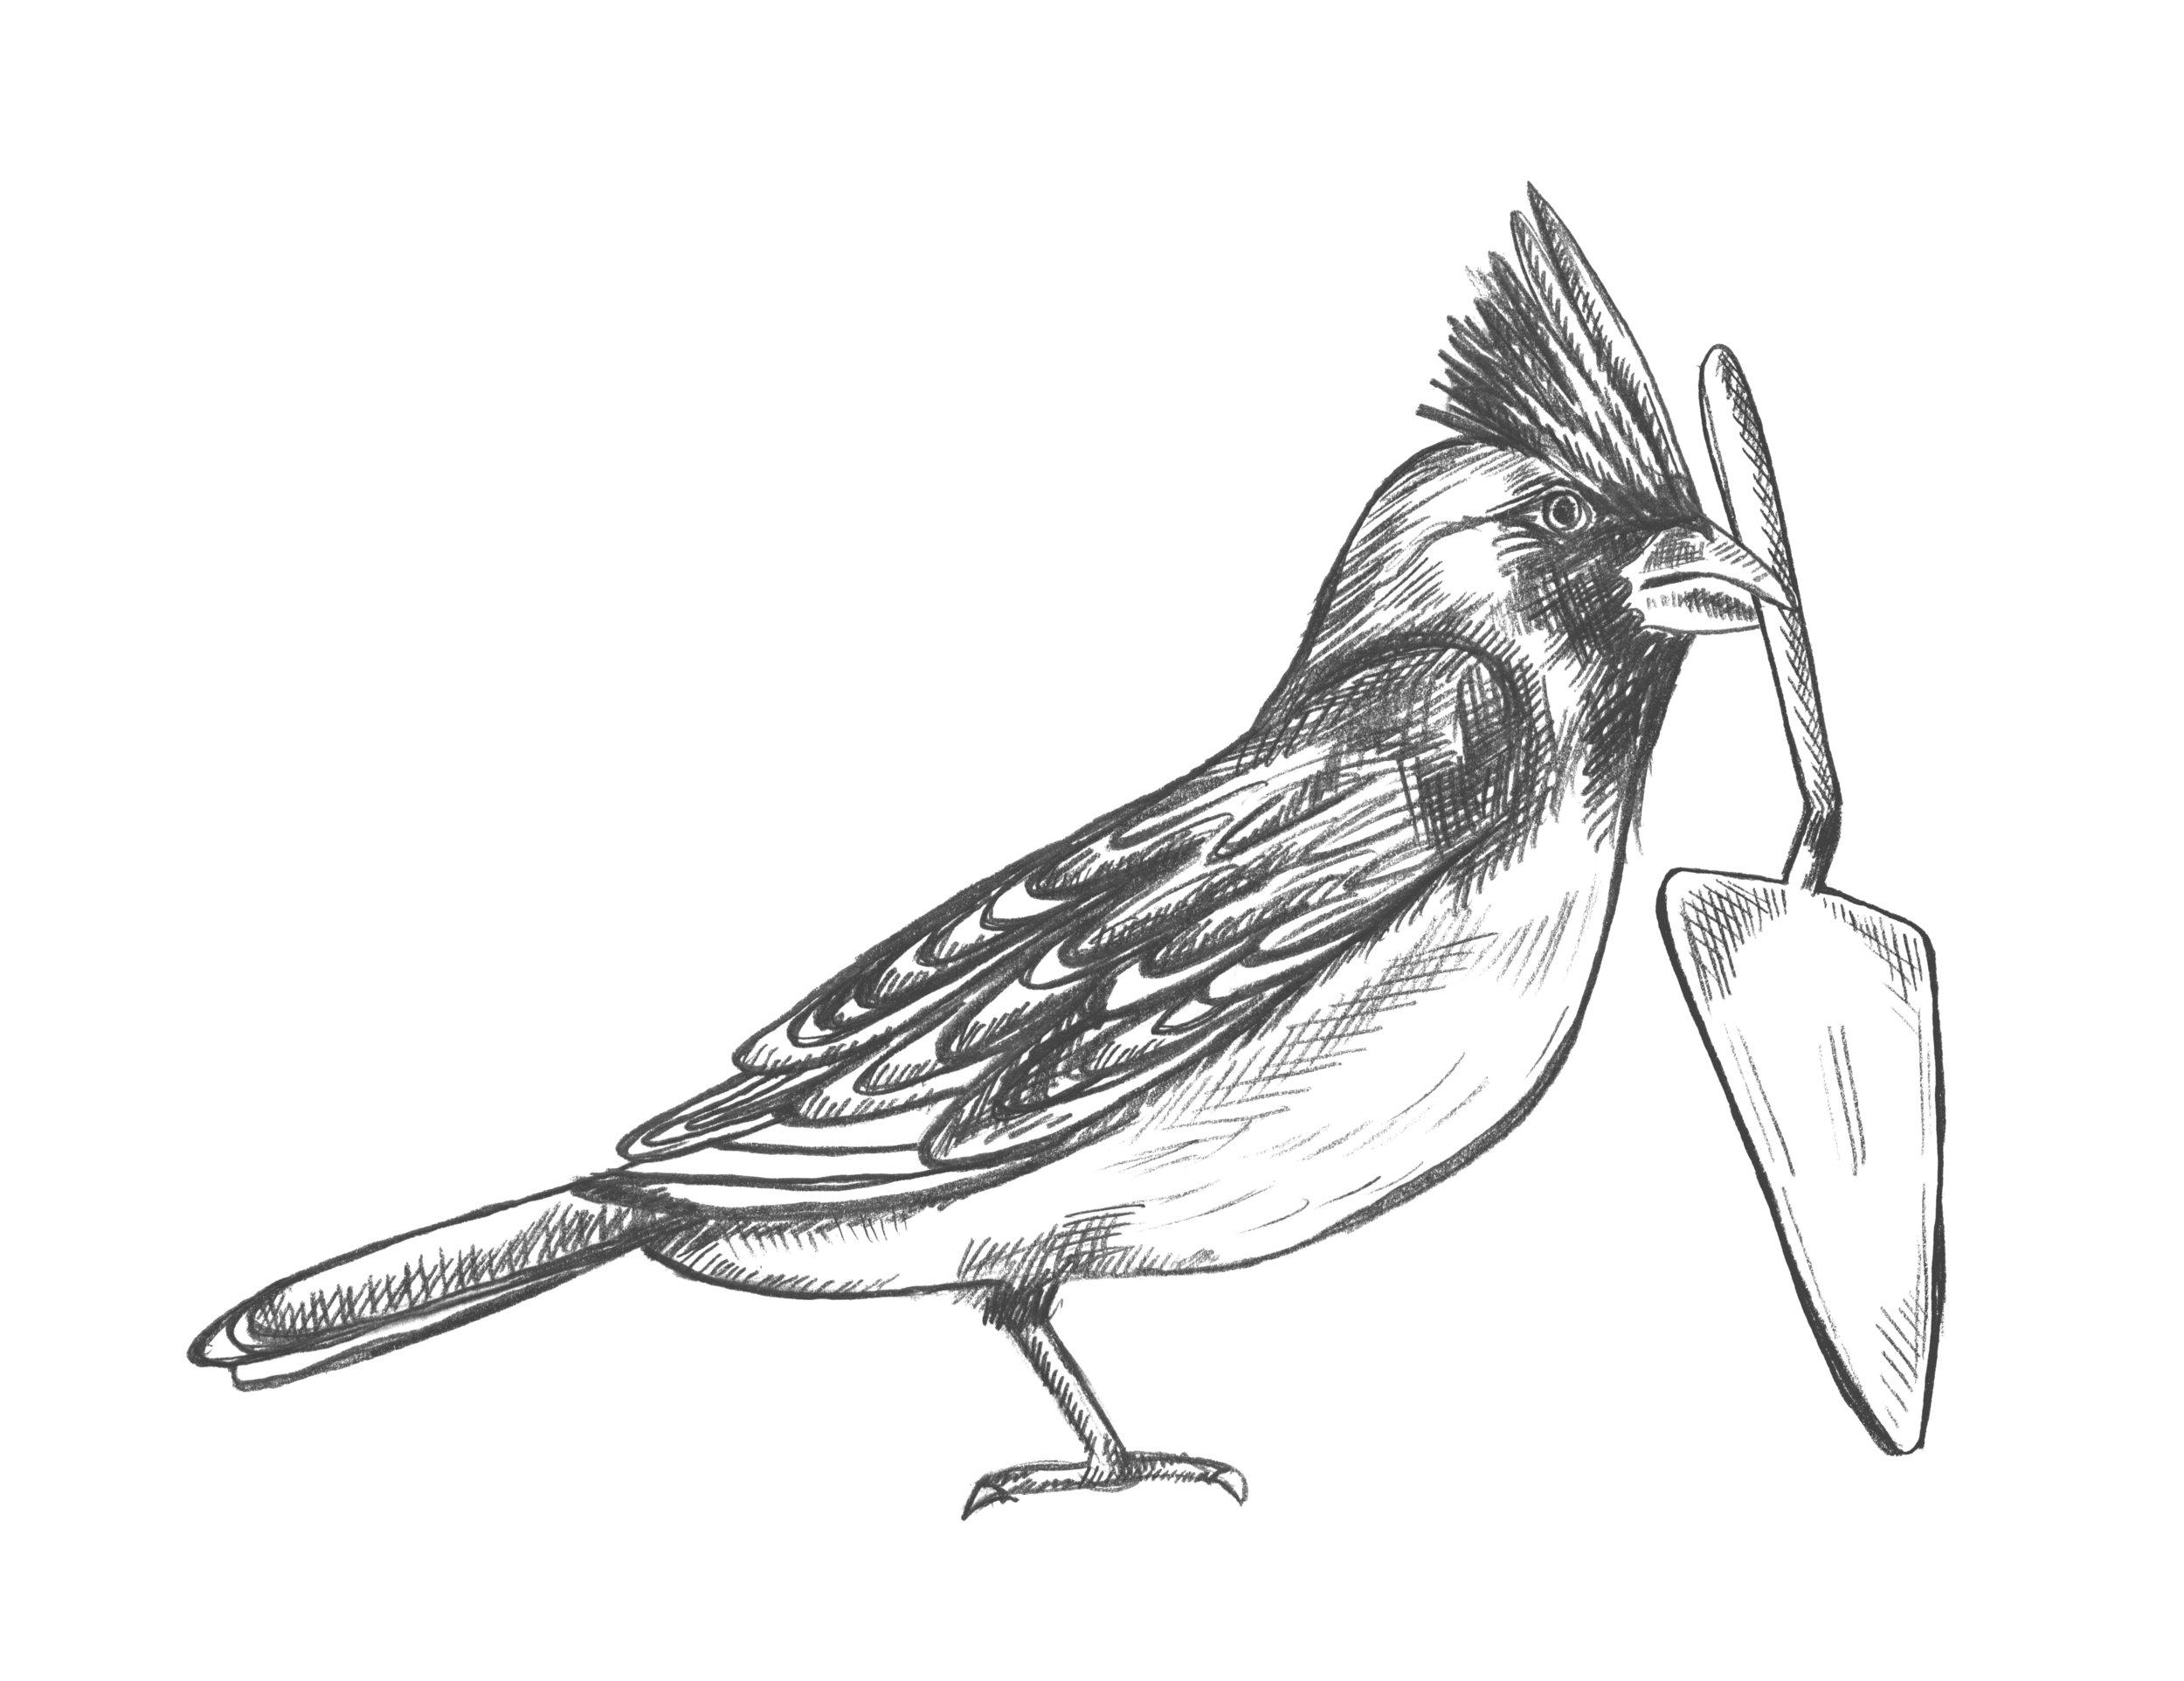 Pots&Co_Northern Bird_MASTER_V2_80K.jpg